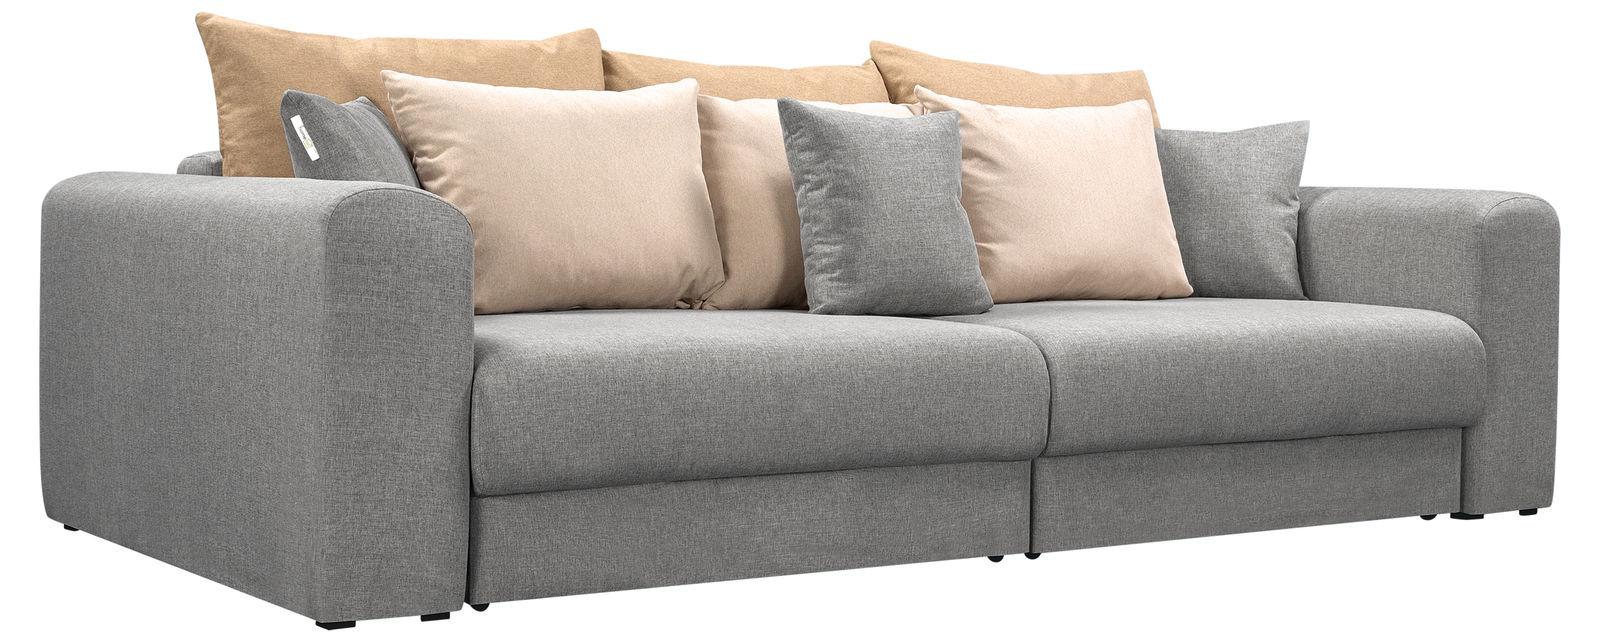 Купить со скидкой Модульный диван Медисон Вариант №4 Falcone серый (Рогожка)